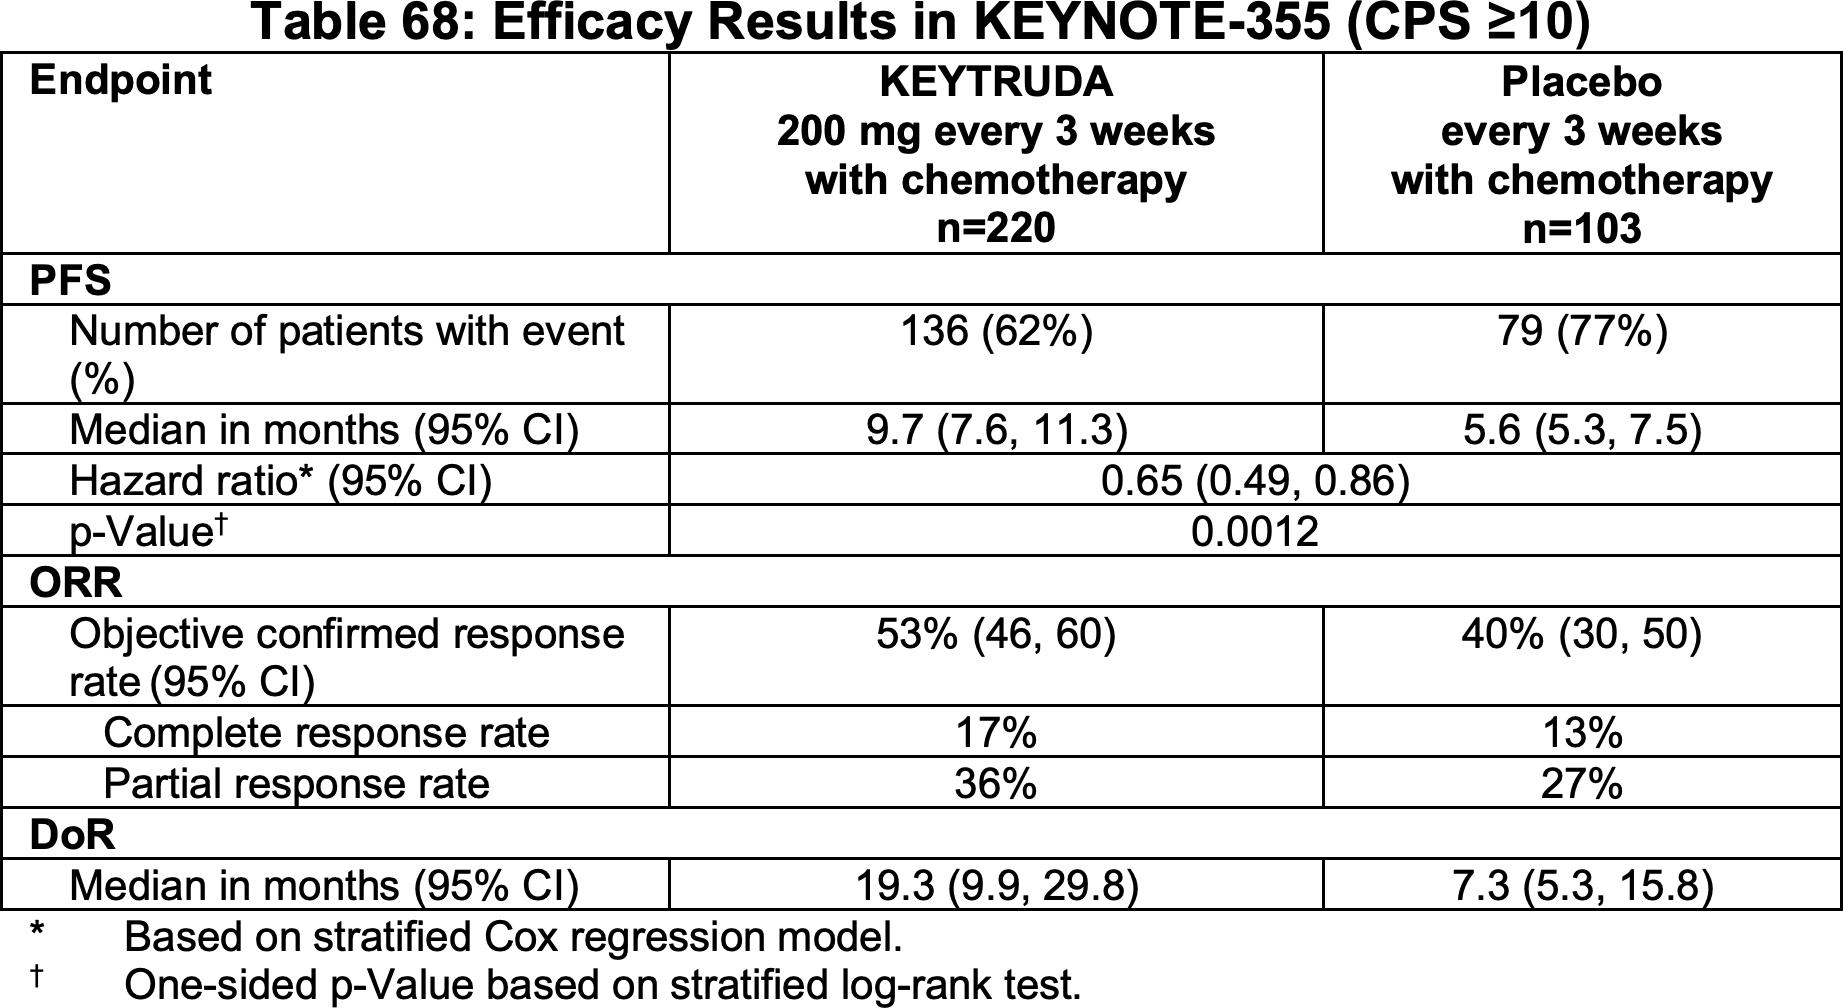 nct02819518 results 01 - «Китруда» разрешен для первоочередного лечения трижды негативного рака молочной железы